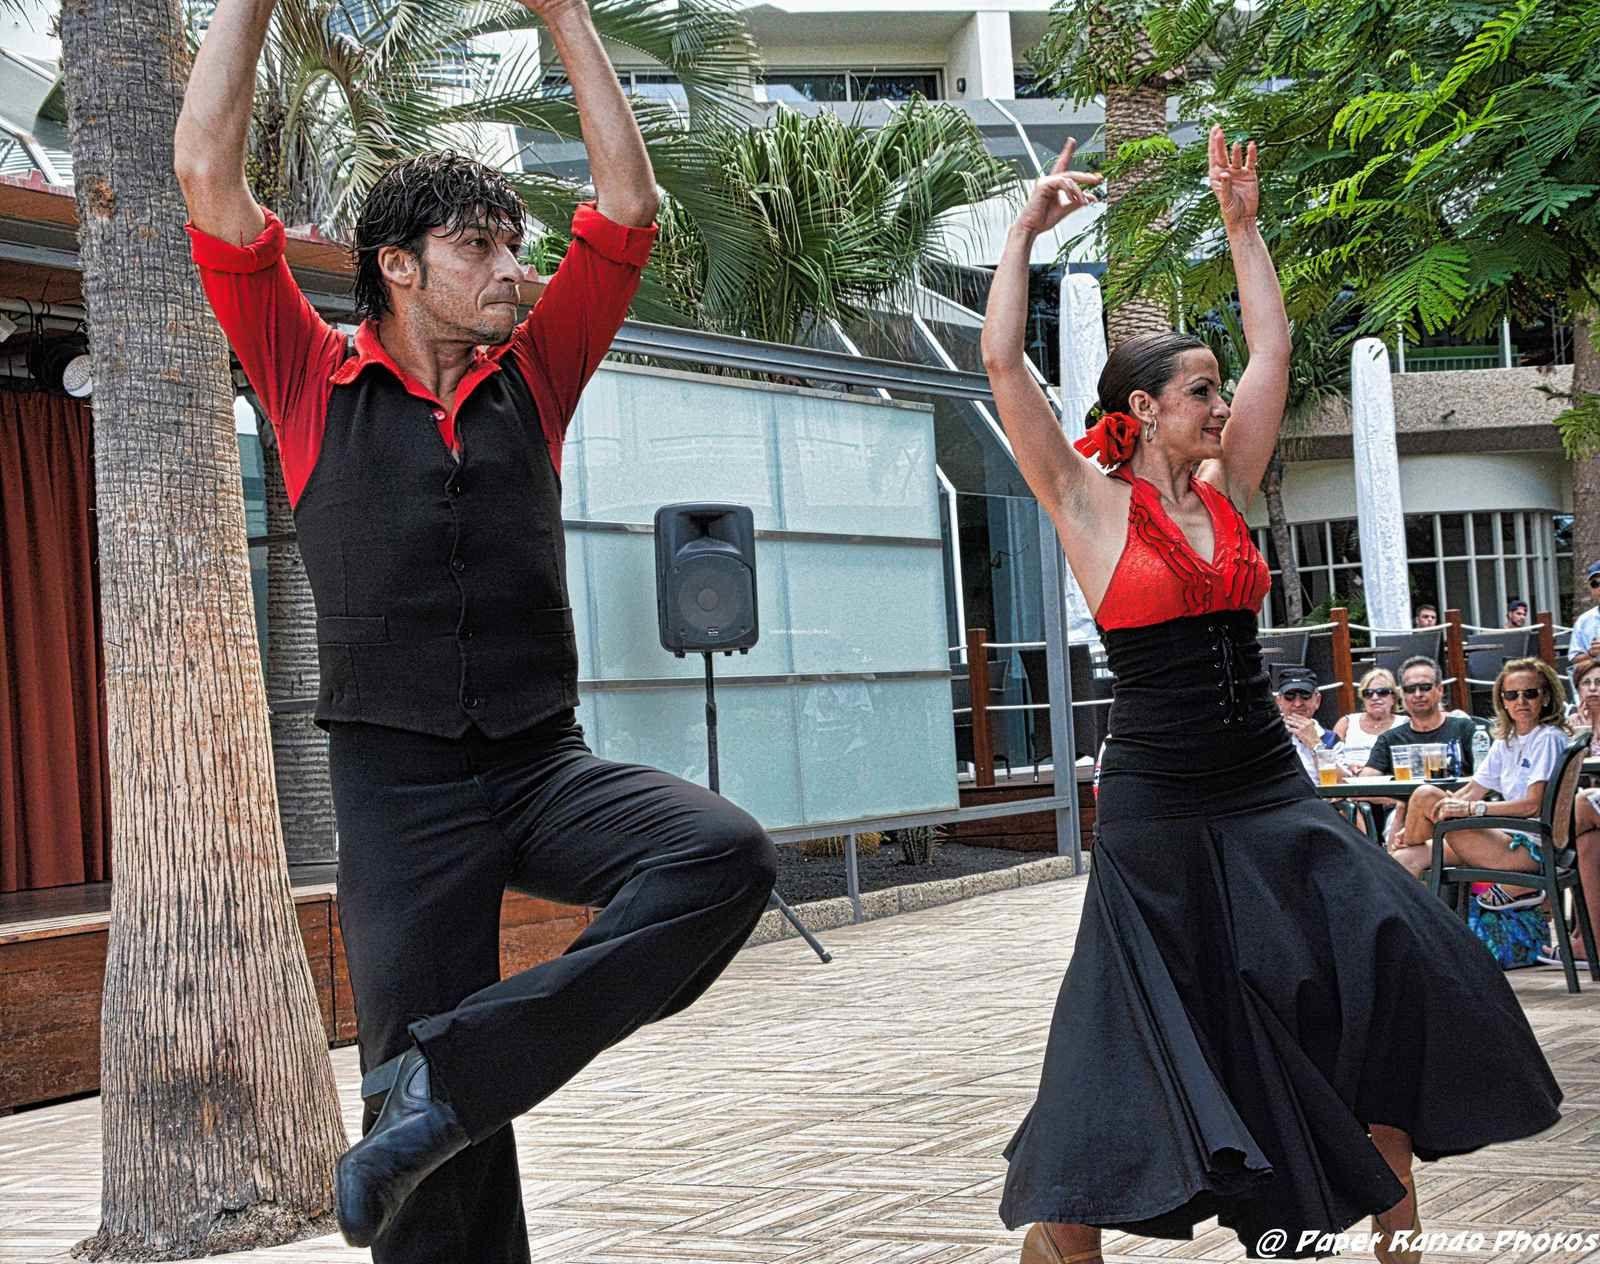 Passionné par l'Espagne depuis toujours (1er fois il y a + de 30 ans) & pas d'Espagne sans Flamenco Ici Flamenco en direct du Pays sous 32°Rien que du Bonheur